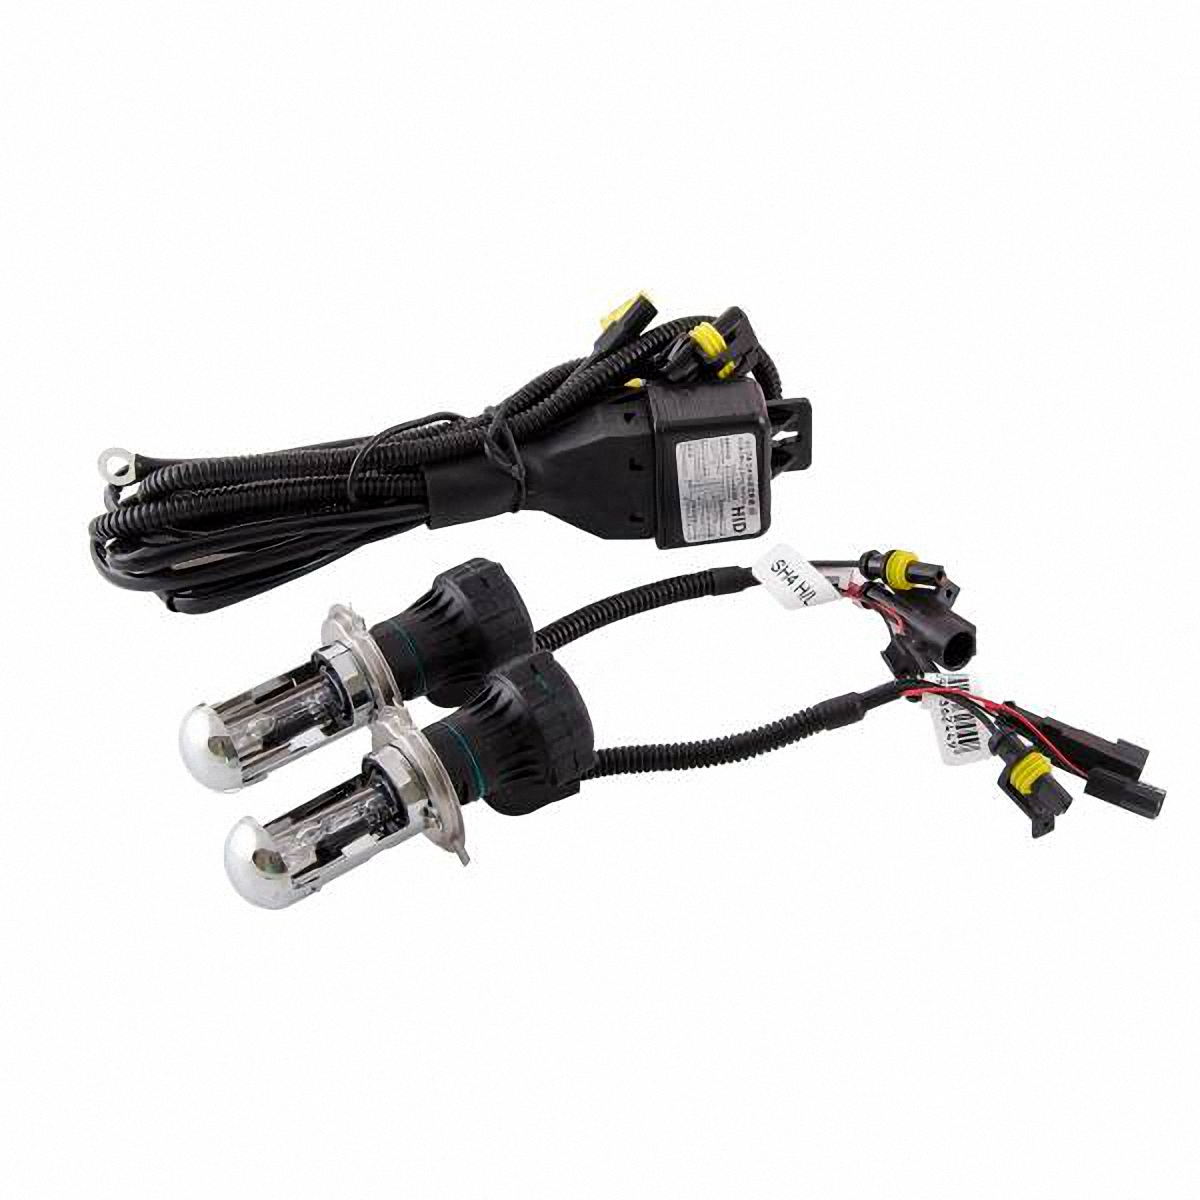 Лампа автомобильная Skyway, биксенон, цоколь H4, 35 Вт, 12 В, 2 штSH4 H/L 4300KДанная биксеноновая лампа под цоколь H4 применяется в автомобилях со световой системой, в которой в одной лампе совмещены ближний и дальний свет (в одной лампе 2 спирали). Автолампа биксенон SKYWAY устойчива к тряскам, имеет продолжительный срок эксплуатации. За счет лучшего освещения дорожной разметки и дорожных знаков, вы будете чувствовать себя уверенно в плохих погодных условиях и в темное время суток. А мягкий бело-желтый свет лампы не ослепляет водителей встречного потока автомобилей.Особенности: Защита от короткого замыкания, перенапряжения, низкого напряжения Комплект предназначен для установки в посадочные места галогеновых автомобильных ламп Упрощенная инсталляция на любой автомобиль без замены штатной проводки Колба лампы изготовлена из кварцевого стекла Водонепроницаемый корпус Короткое время розжига Характеристики: Цветовая температура: 4300К Цоколь: Н4 Мощность: 35 Вт Напряжение: 12В Комплектация: Лампа газоразрядная биксеноновая – 2 шт. Провод питания – 1 шт. Гарантийный талон – 1 шт.